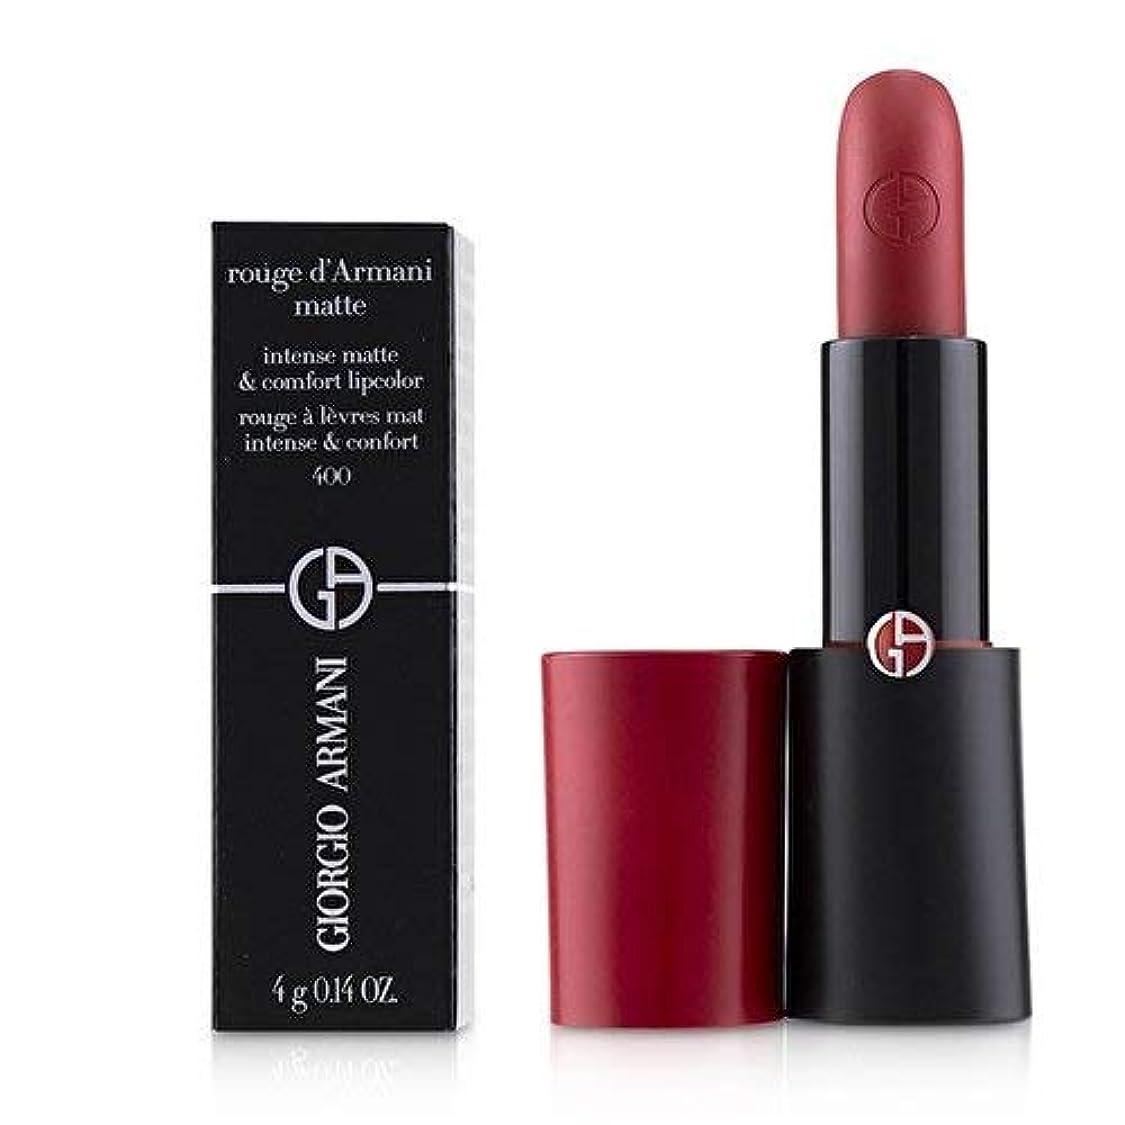 式川課税ジョルジオアルマーニ Rouge D'Armani Matte Intense Matte & Comfort Lipcolor - # 400 Four Hundred 4g/0.14oz並行輸入品